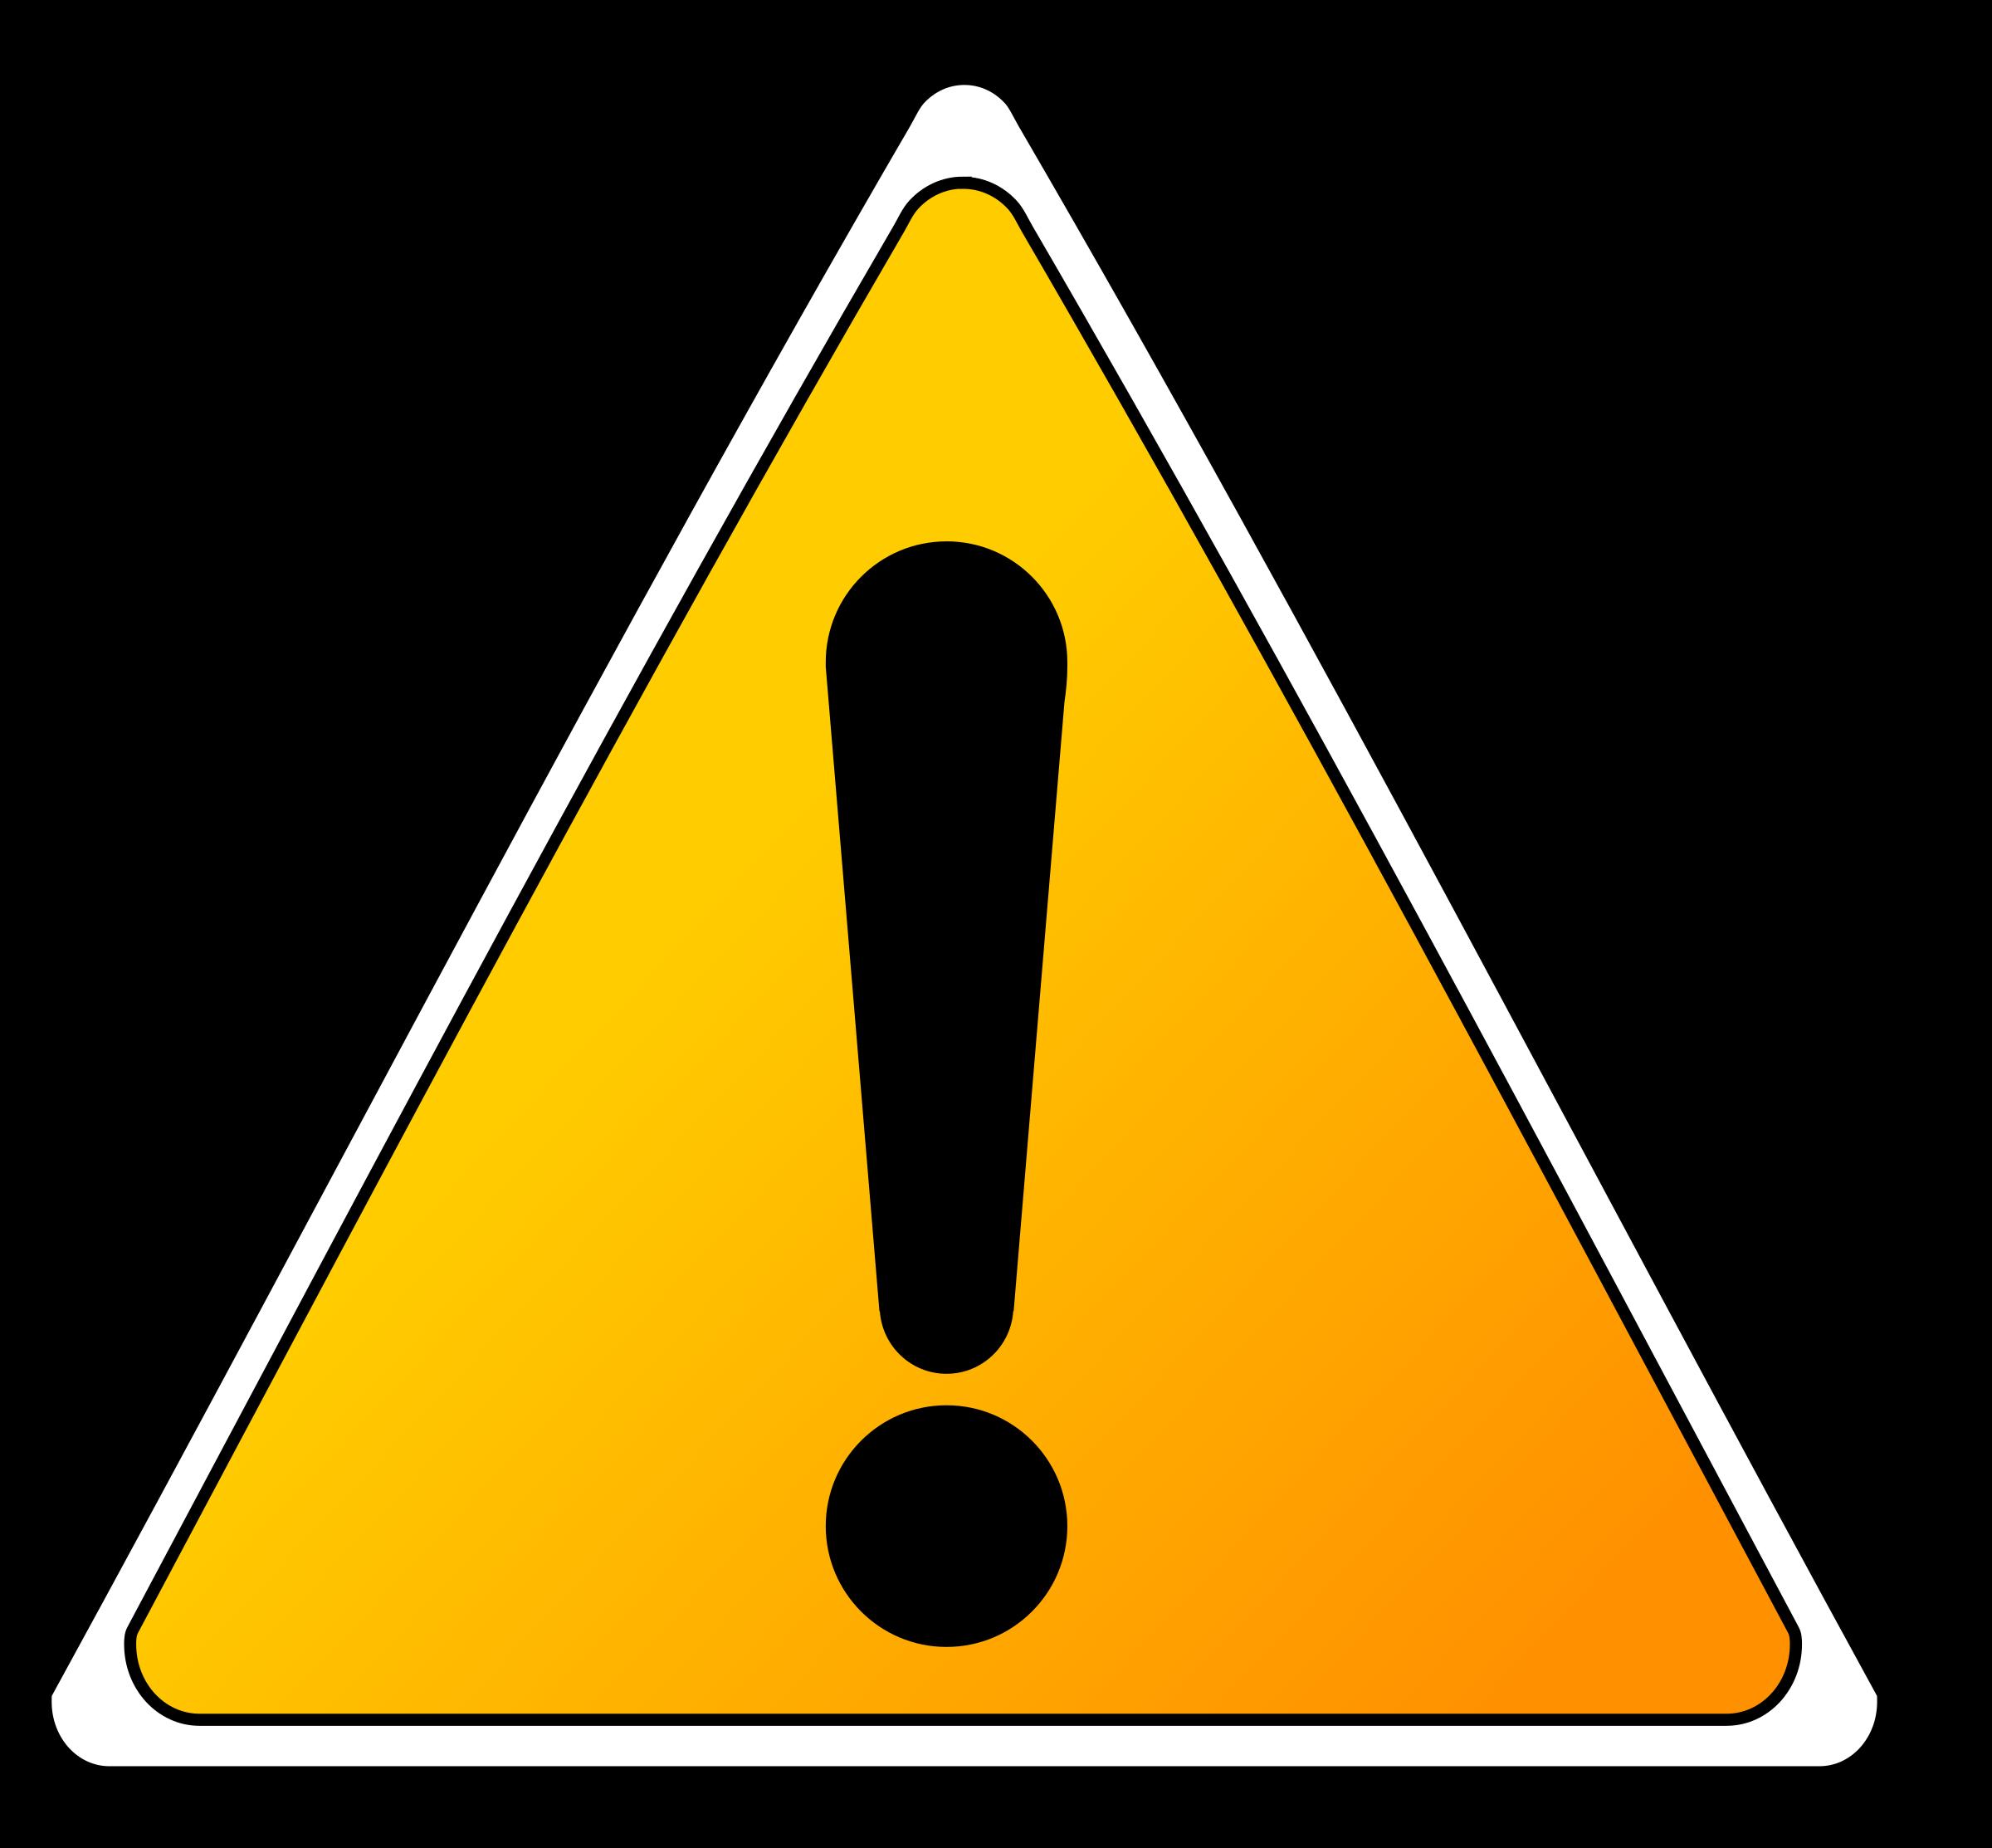 clipart warning sign warning clip art small jpg warning clip art symbol